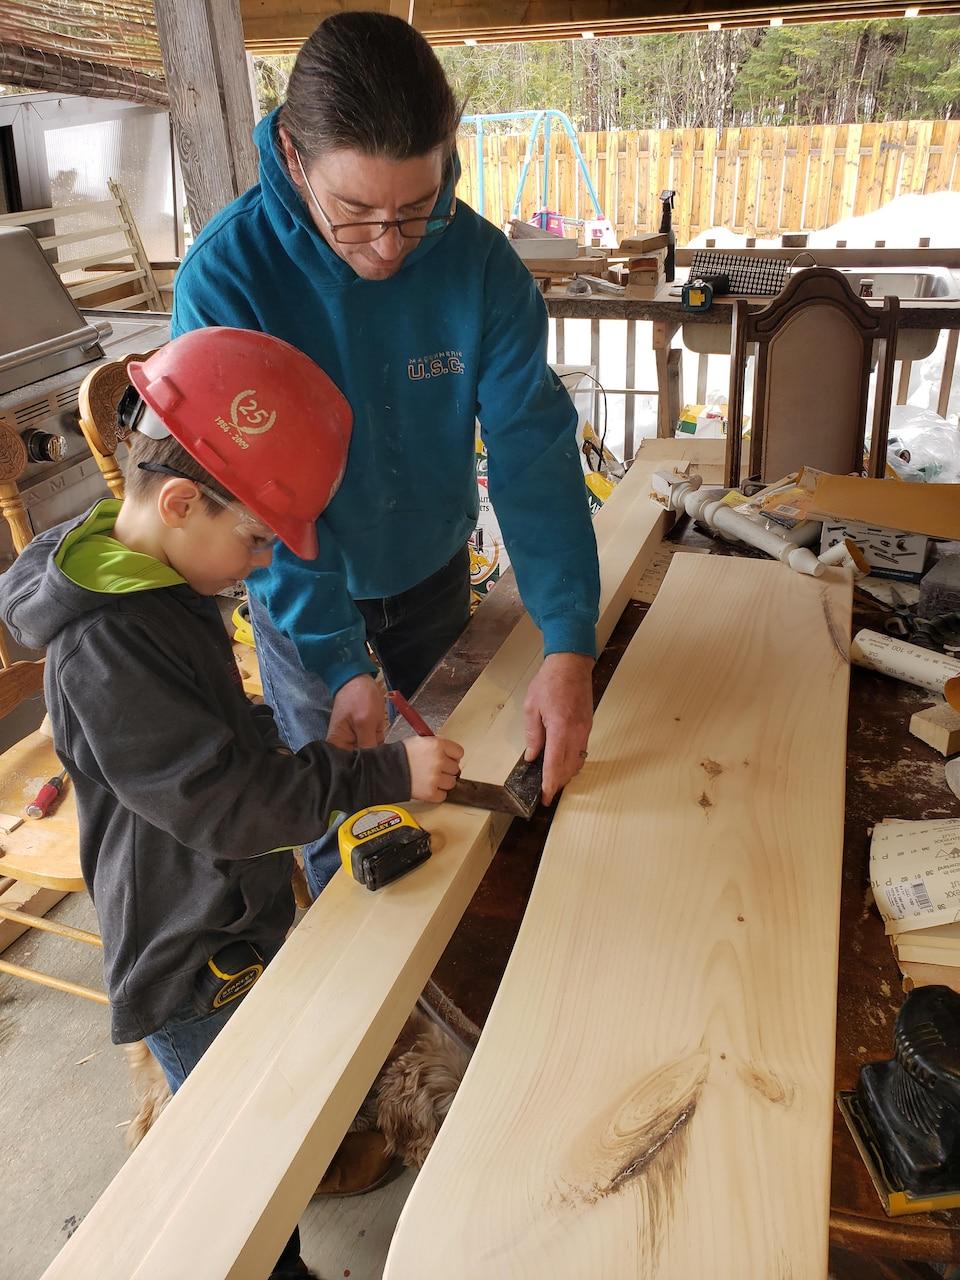 Le père et son enfant devant des planches de bois. Le petit mesure une planche.